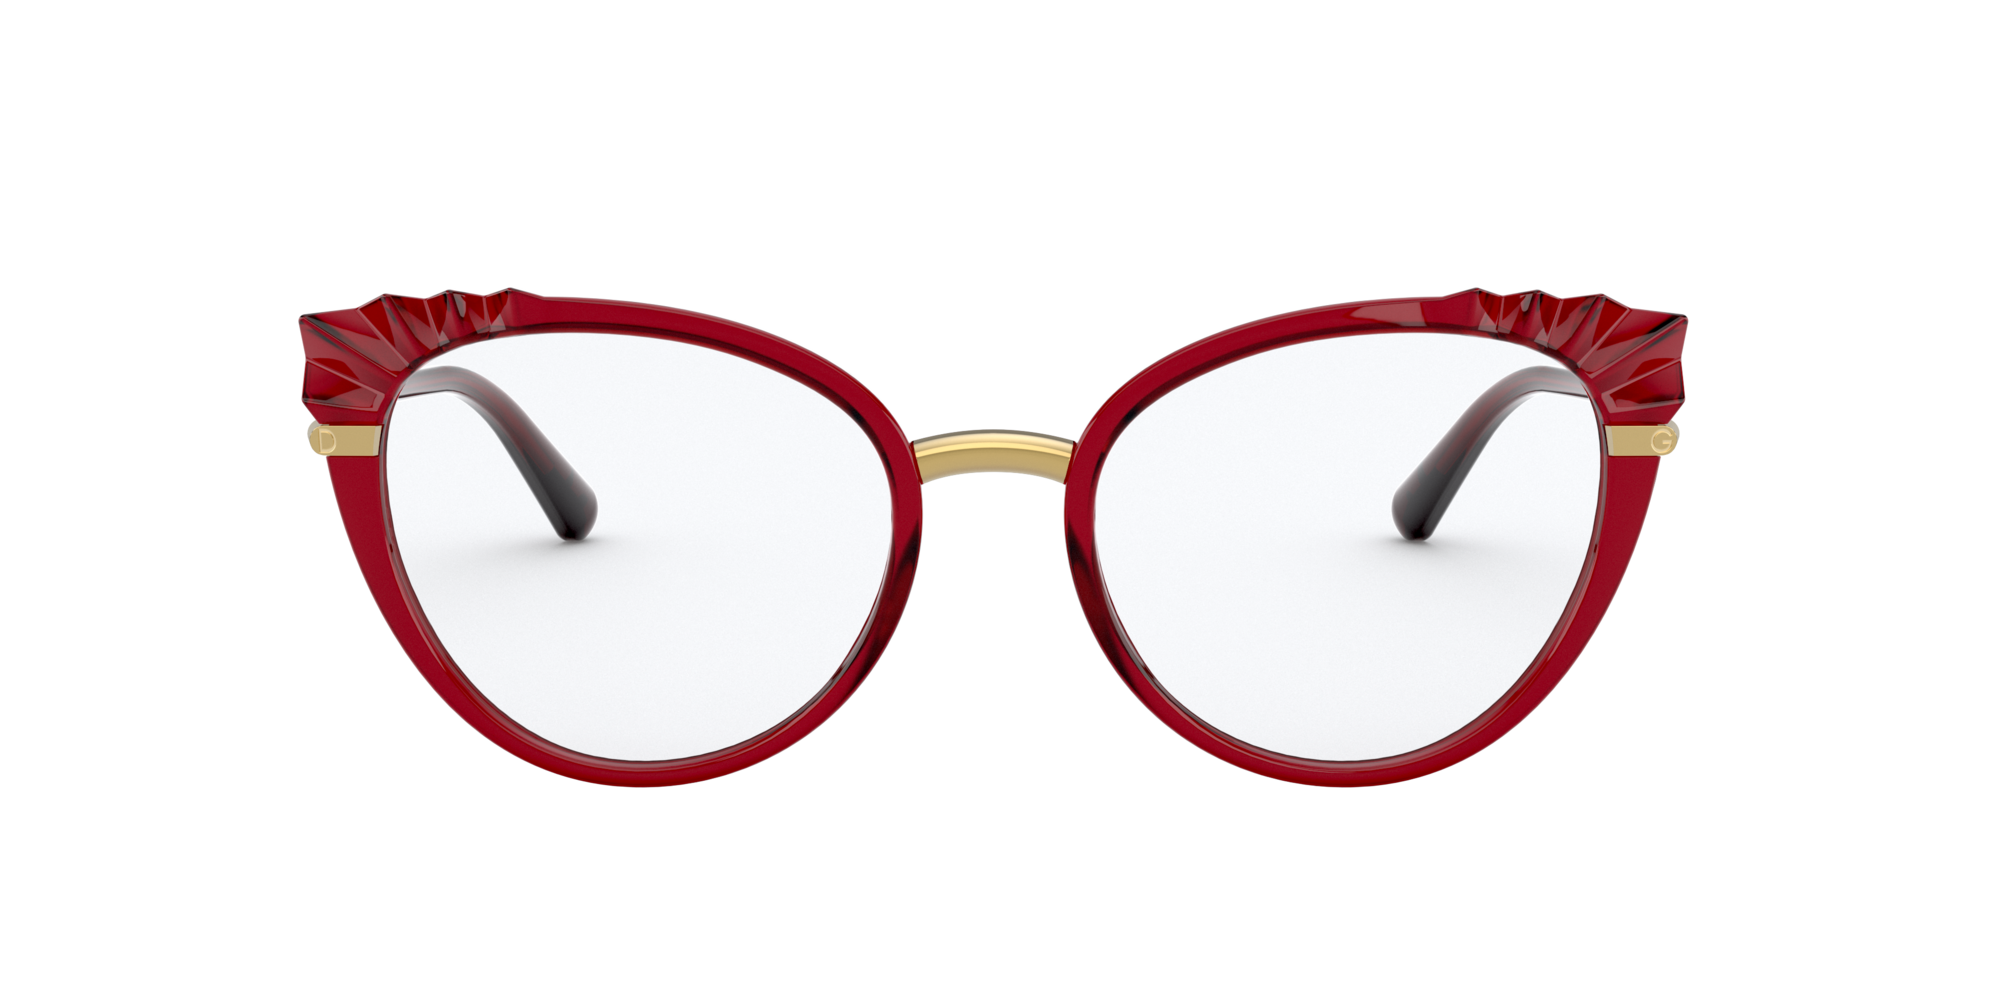 Imagen para DG5051 de LensCrafters |  Espejuelos, espejuelos graduados en línea, gafas